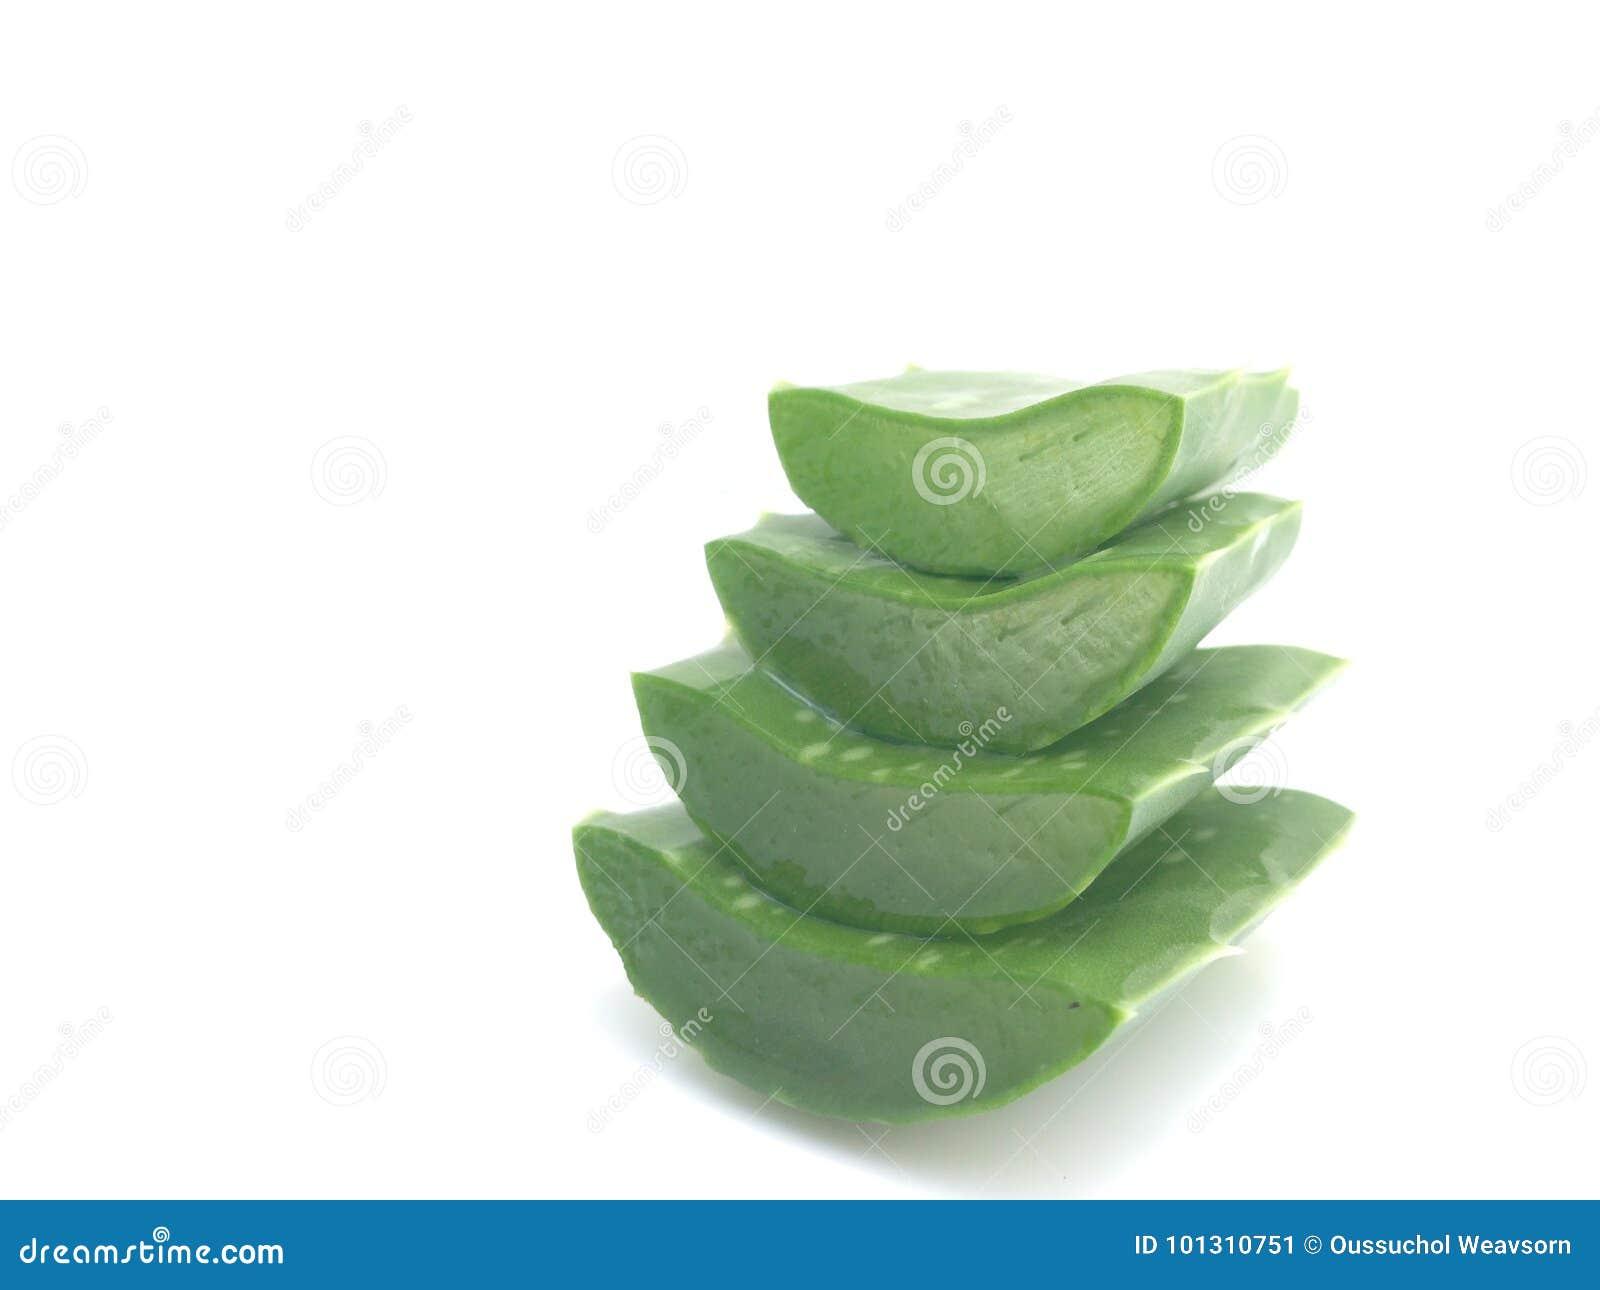 Pokrajać aloesu Vera, pożytecznie ziołowa medycyna dla skóry opieki i włosianej opieki